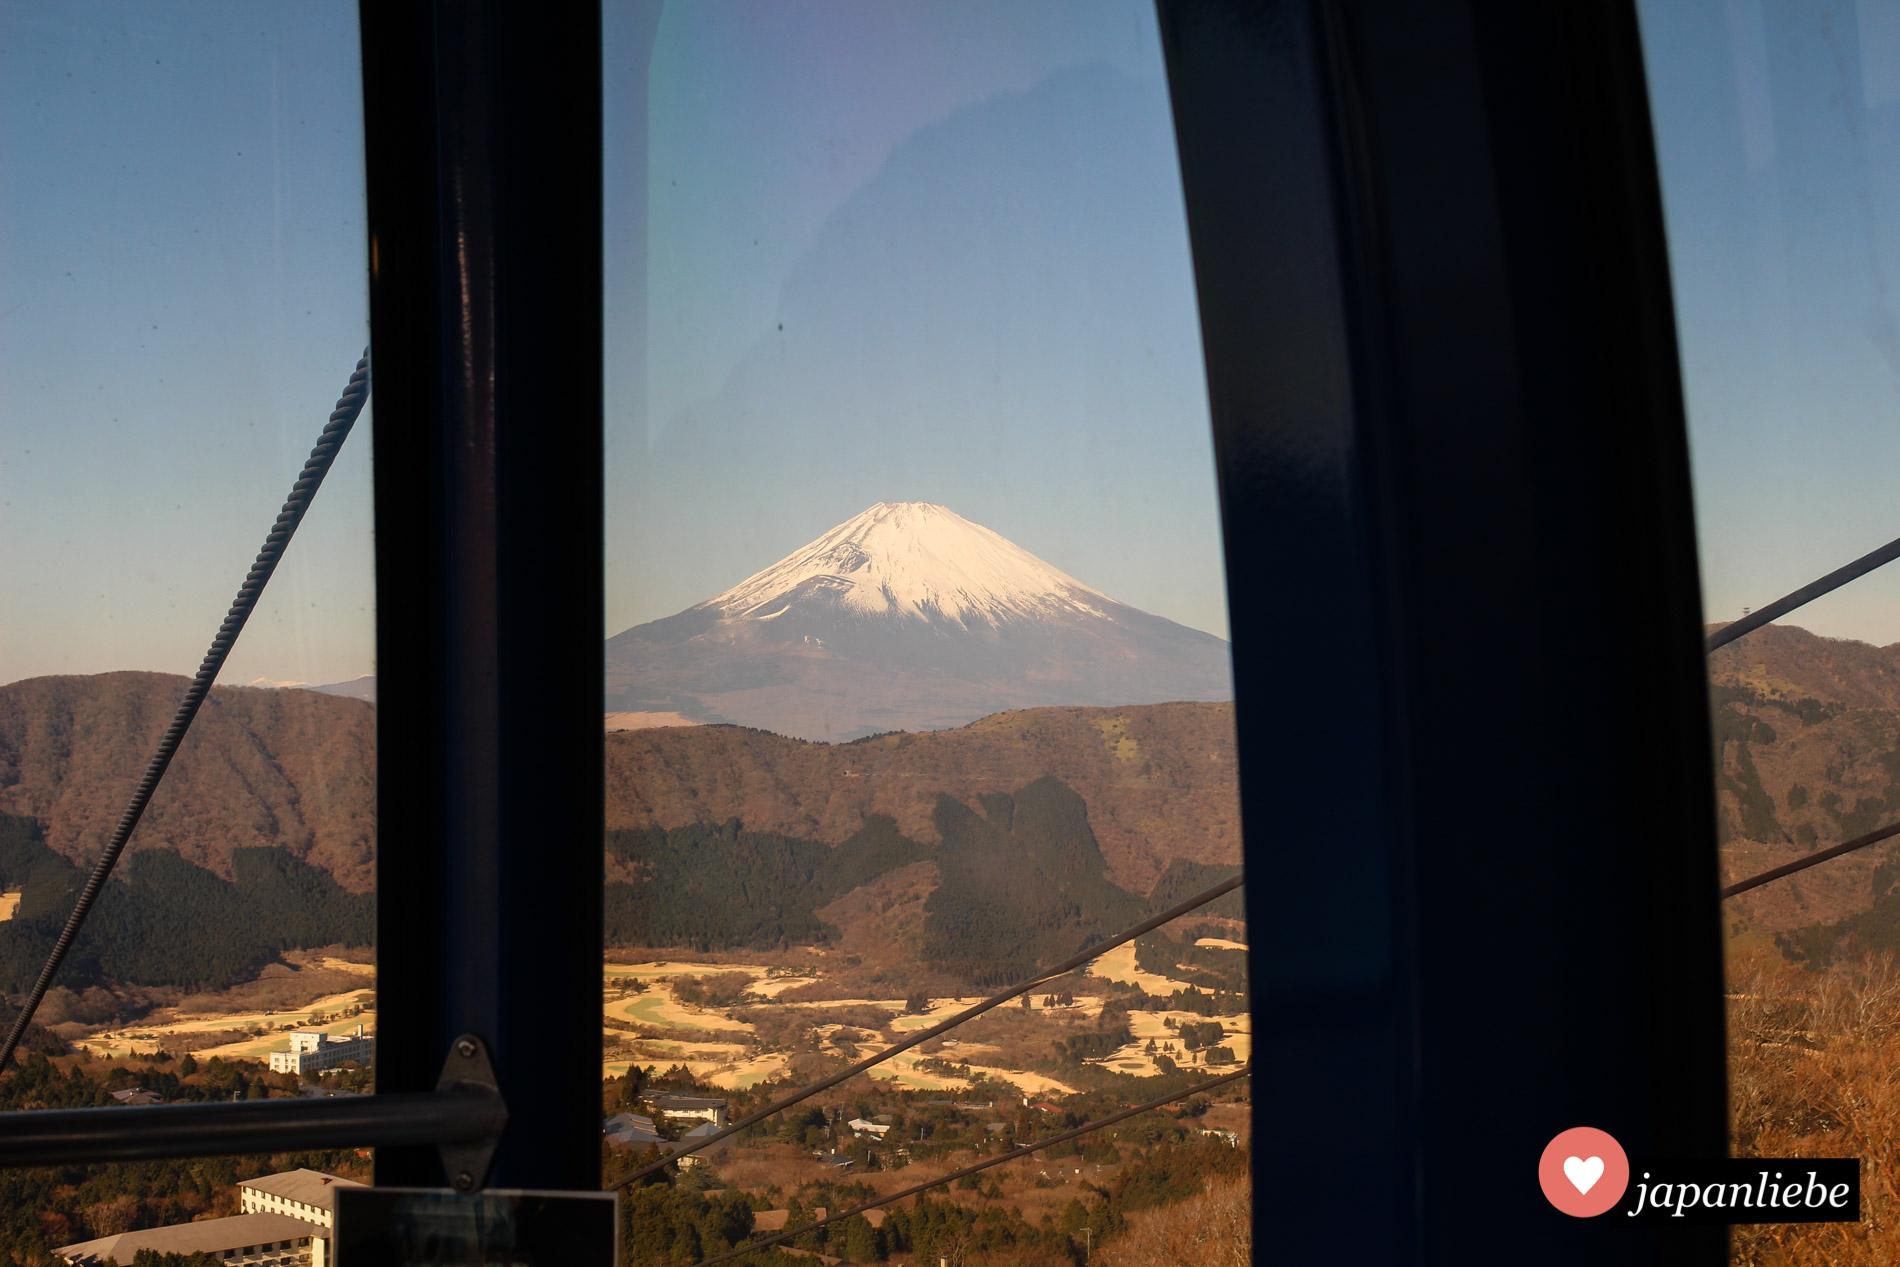 Bei klarem Wetter kann man den Fuji aus den Gondeln der Hakone-Seilbahn heraus sehen.